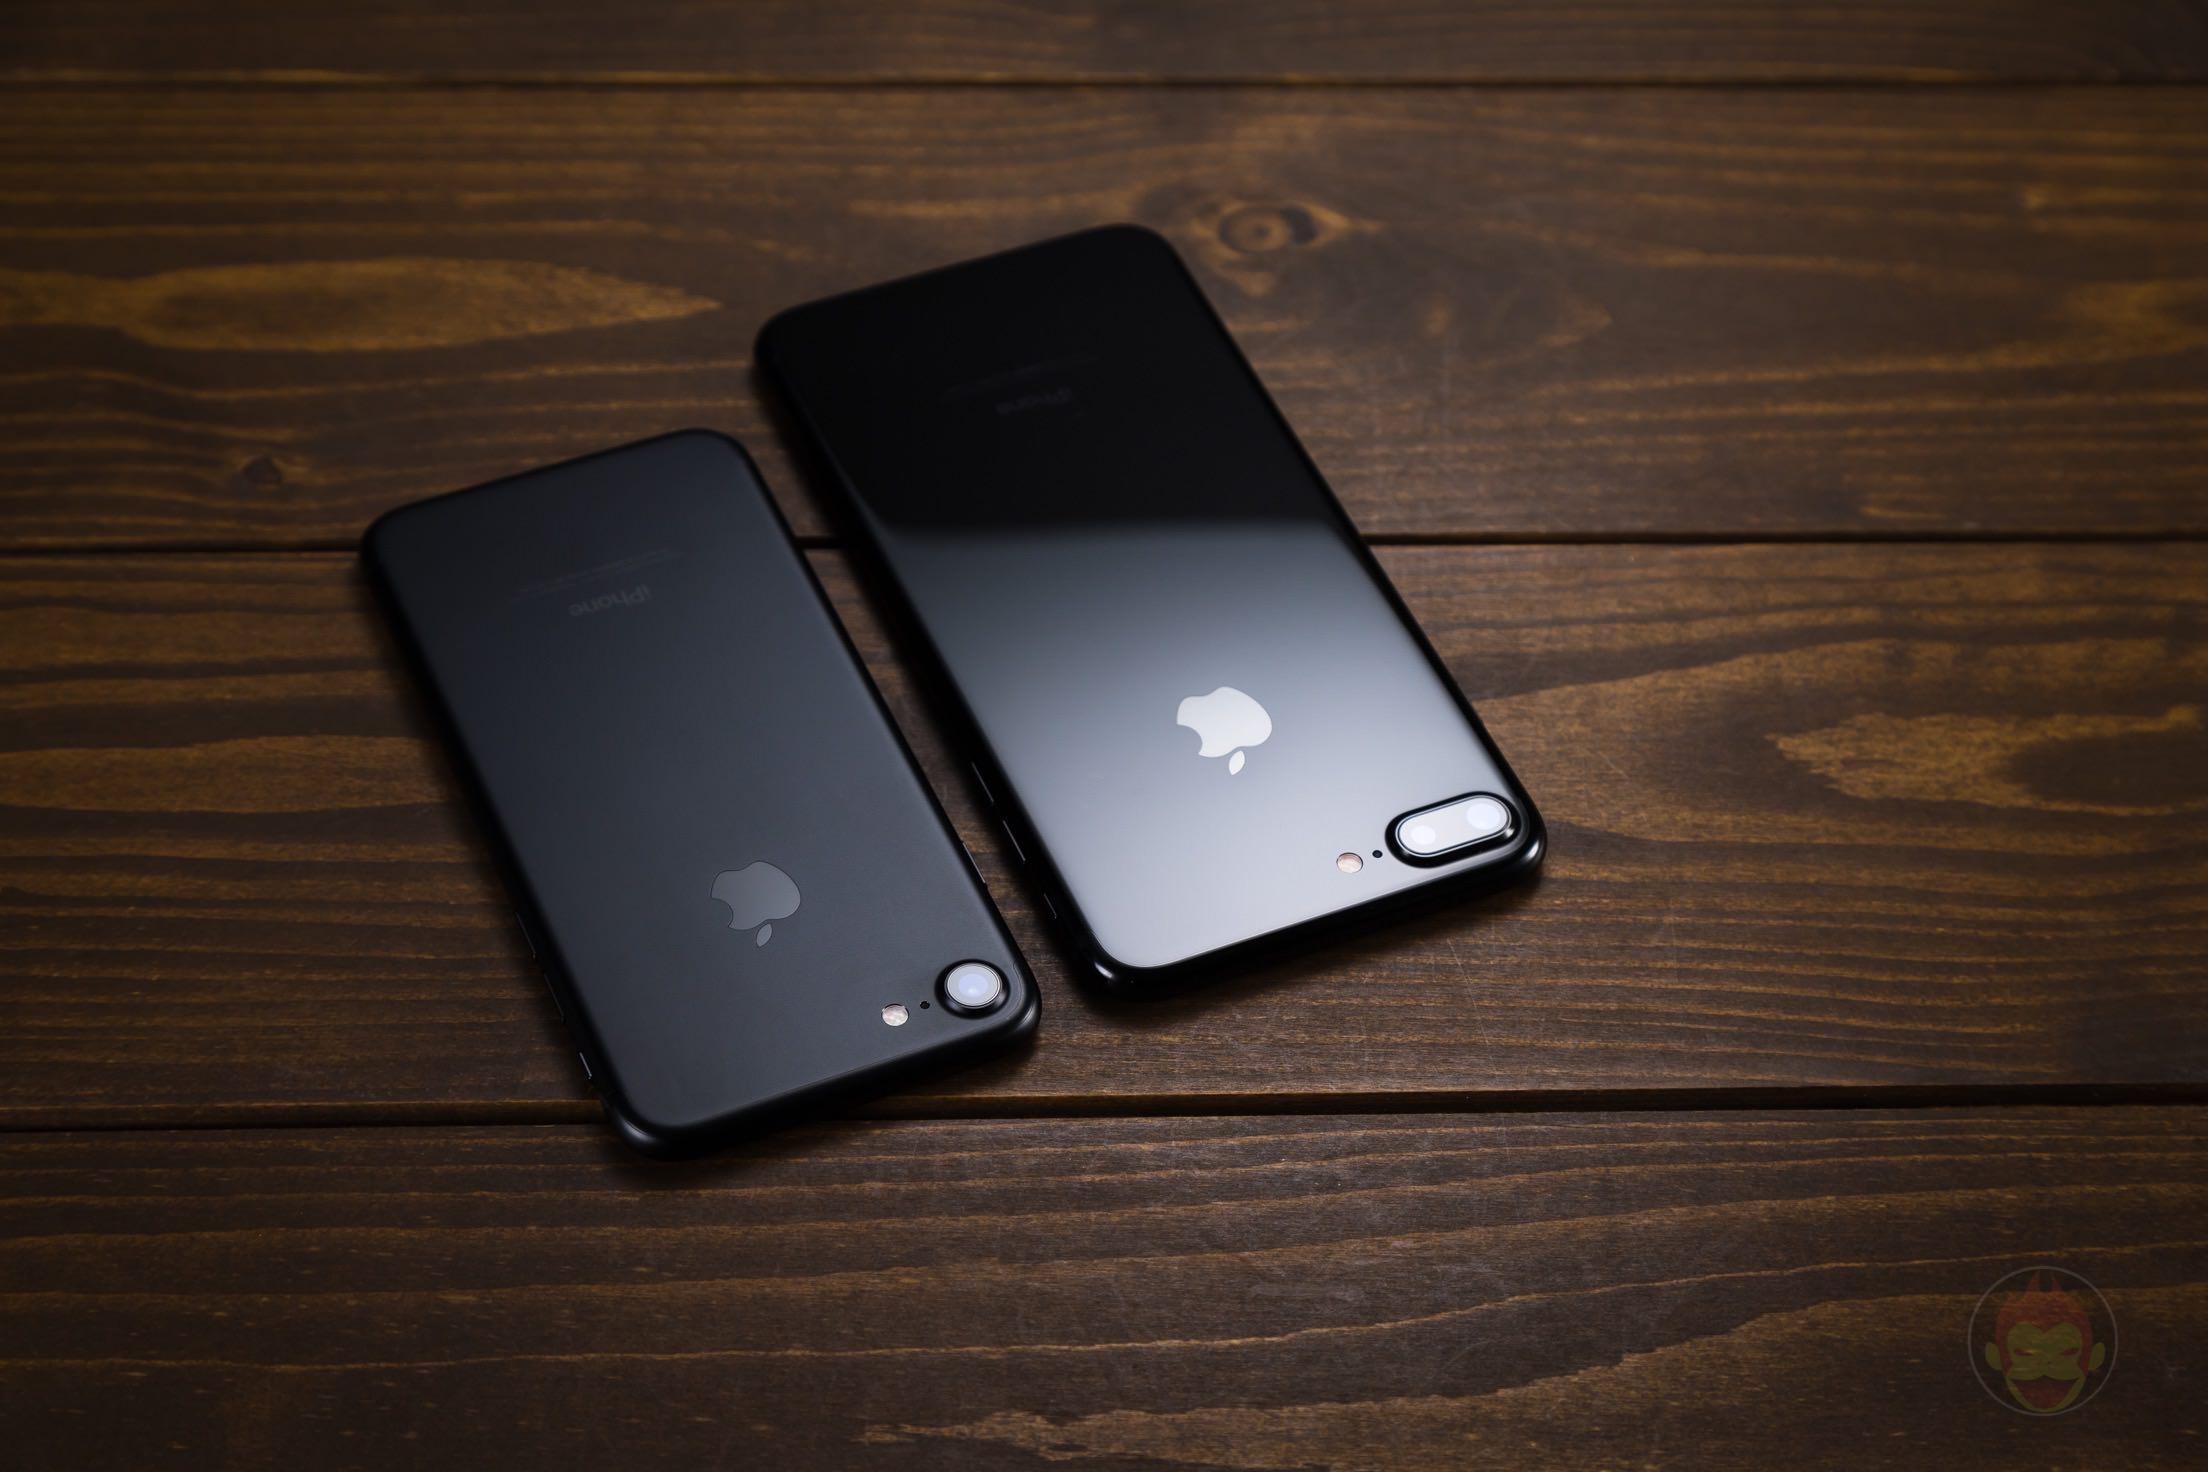 iPhone-7-Plus-7-Comparison-01.jpg